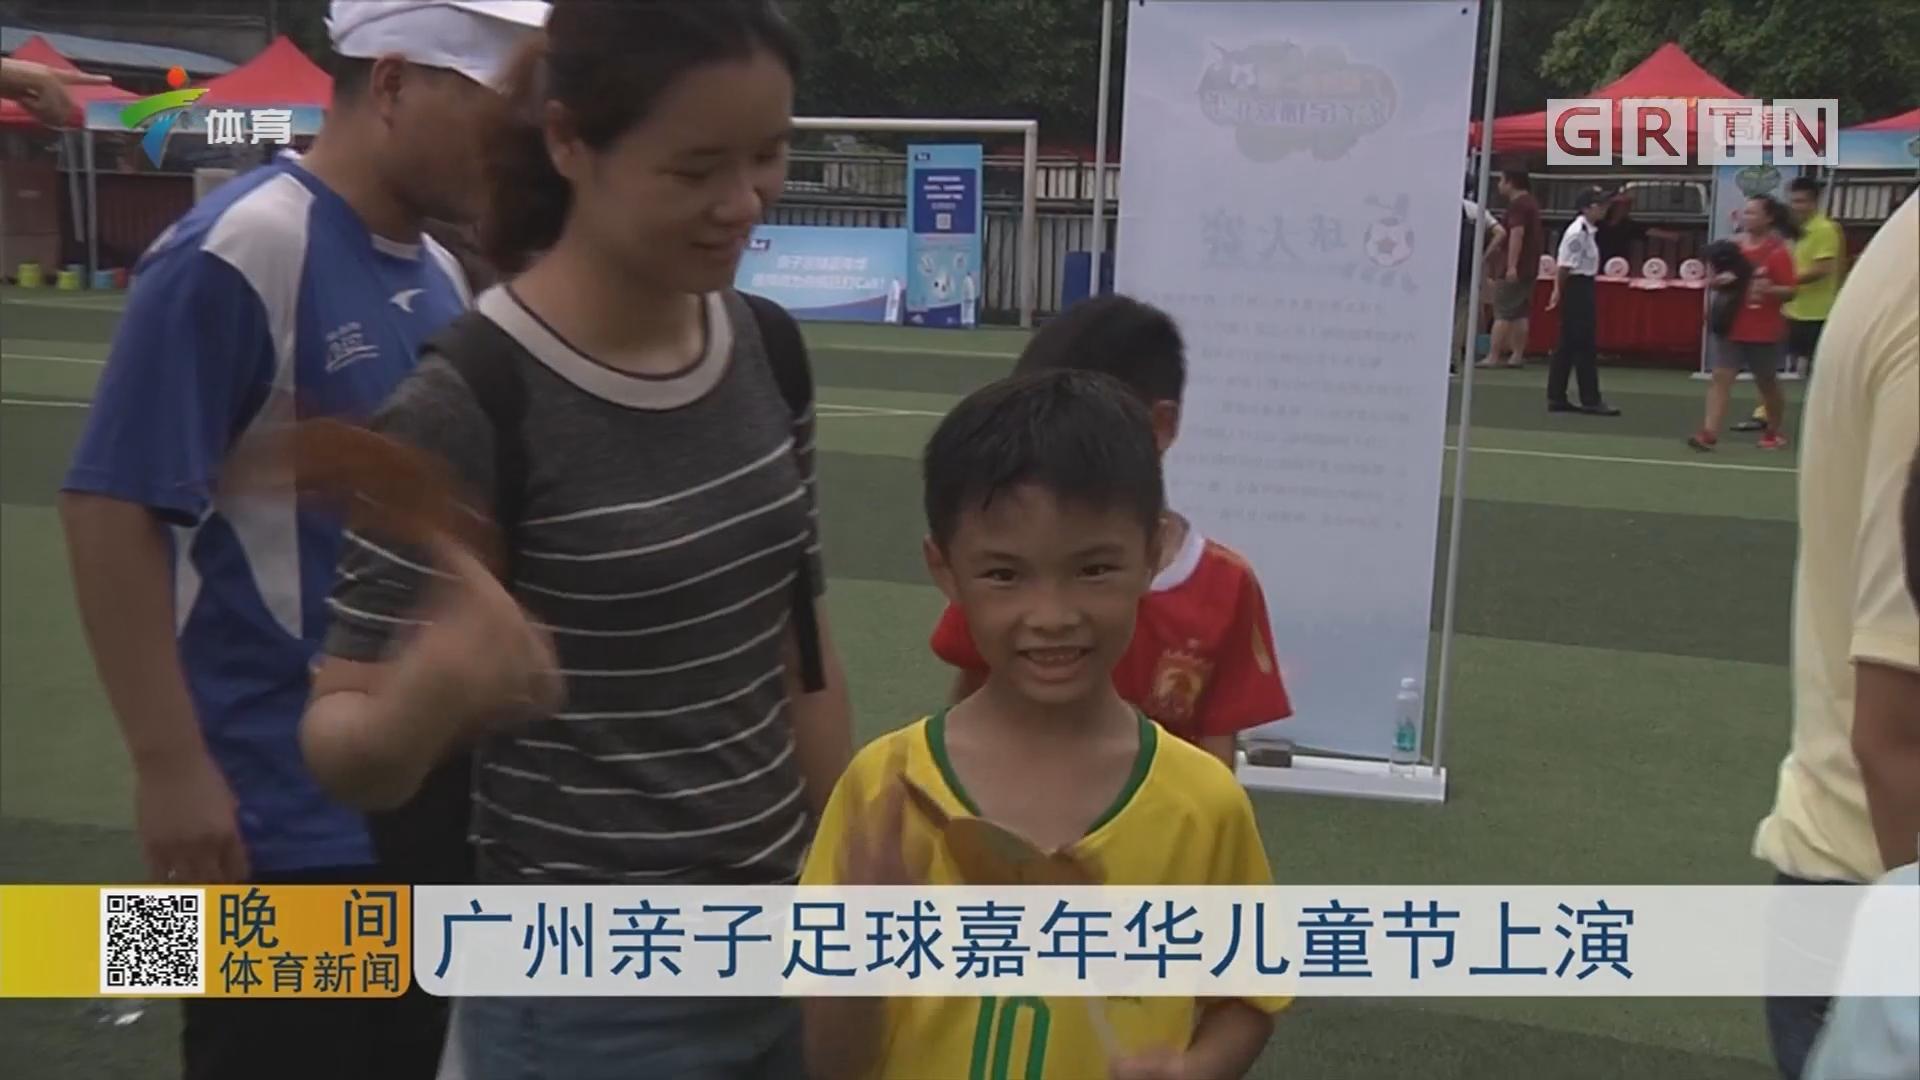 广州亲子足球嘉年华儿童节上演